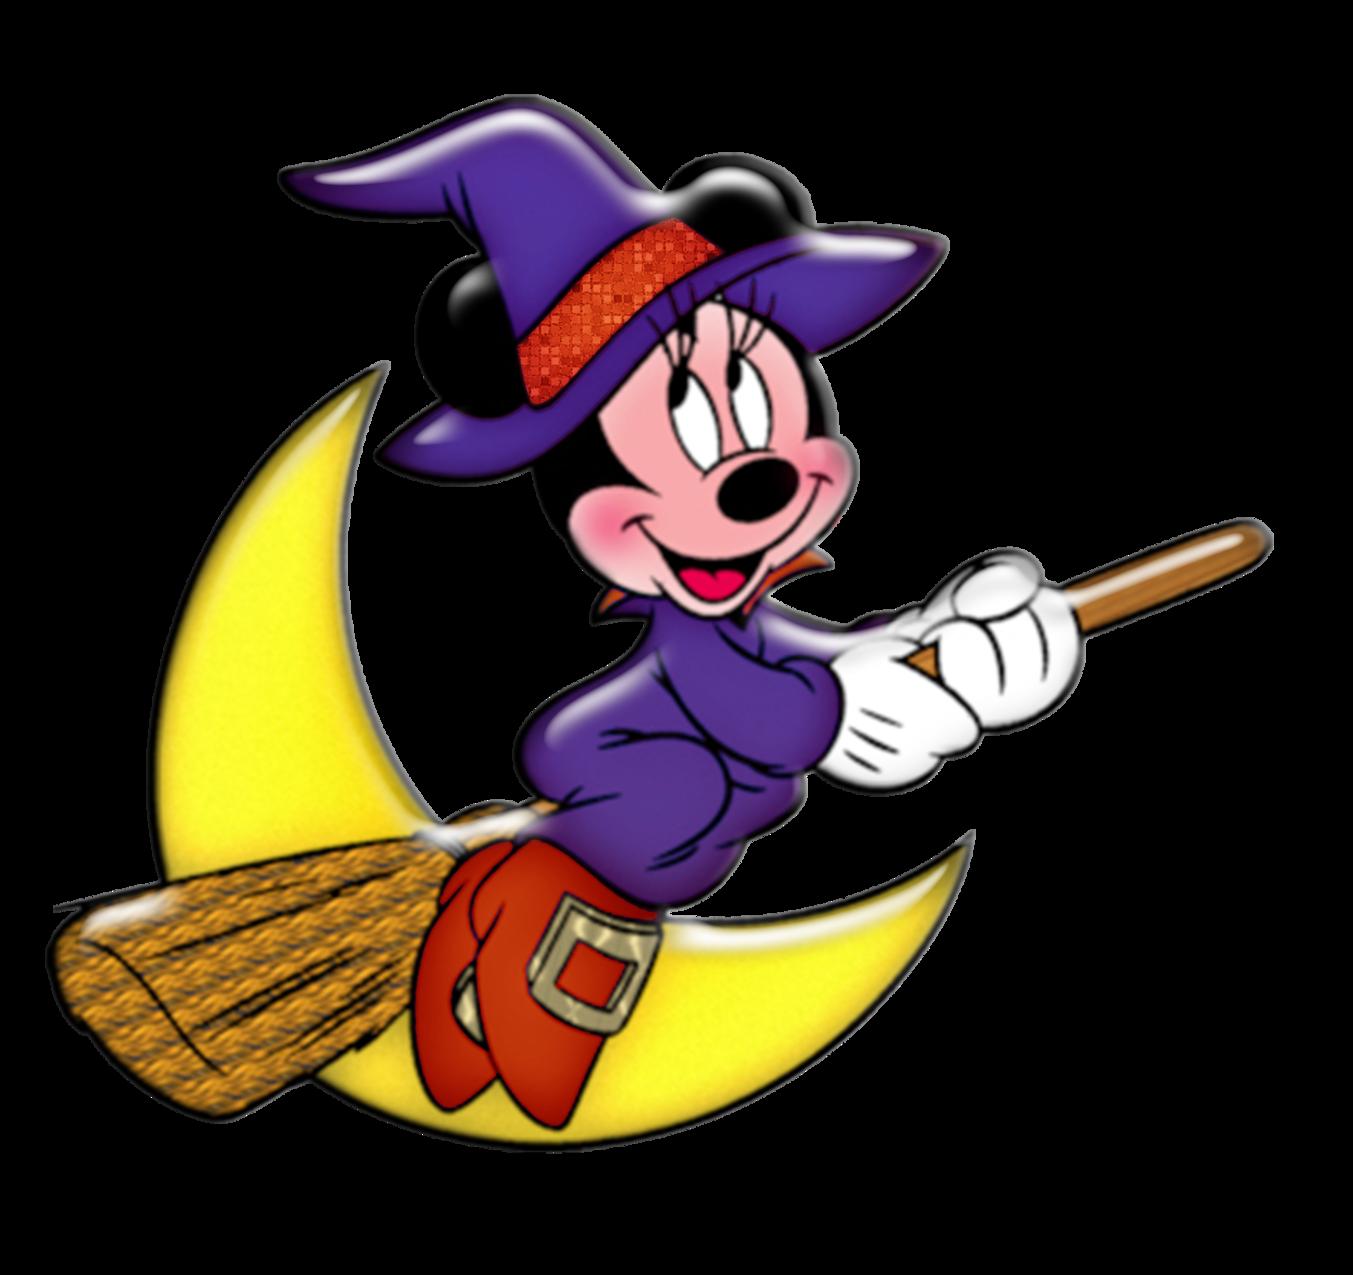 Witch clipart short. Minnie halloween skirt pinterest